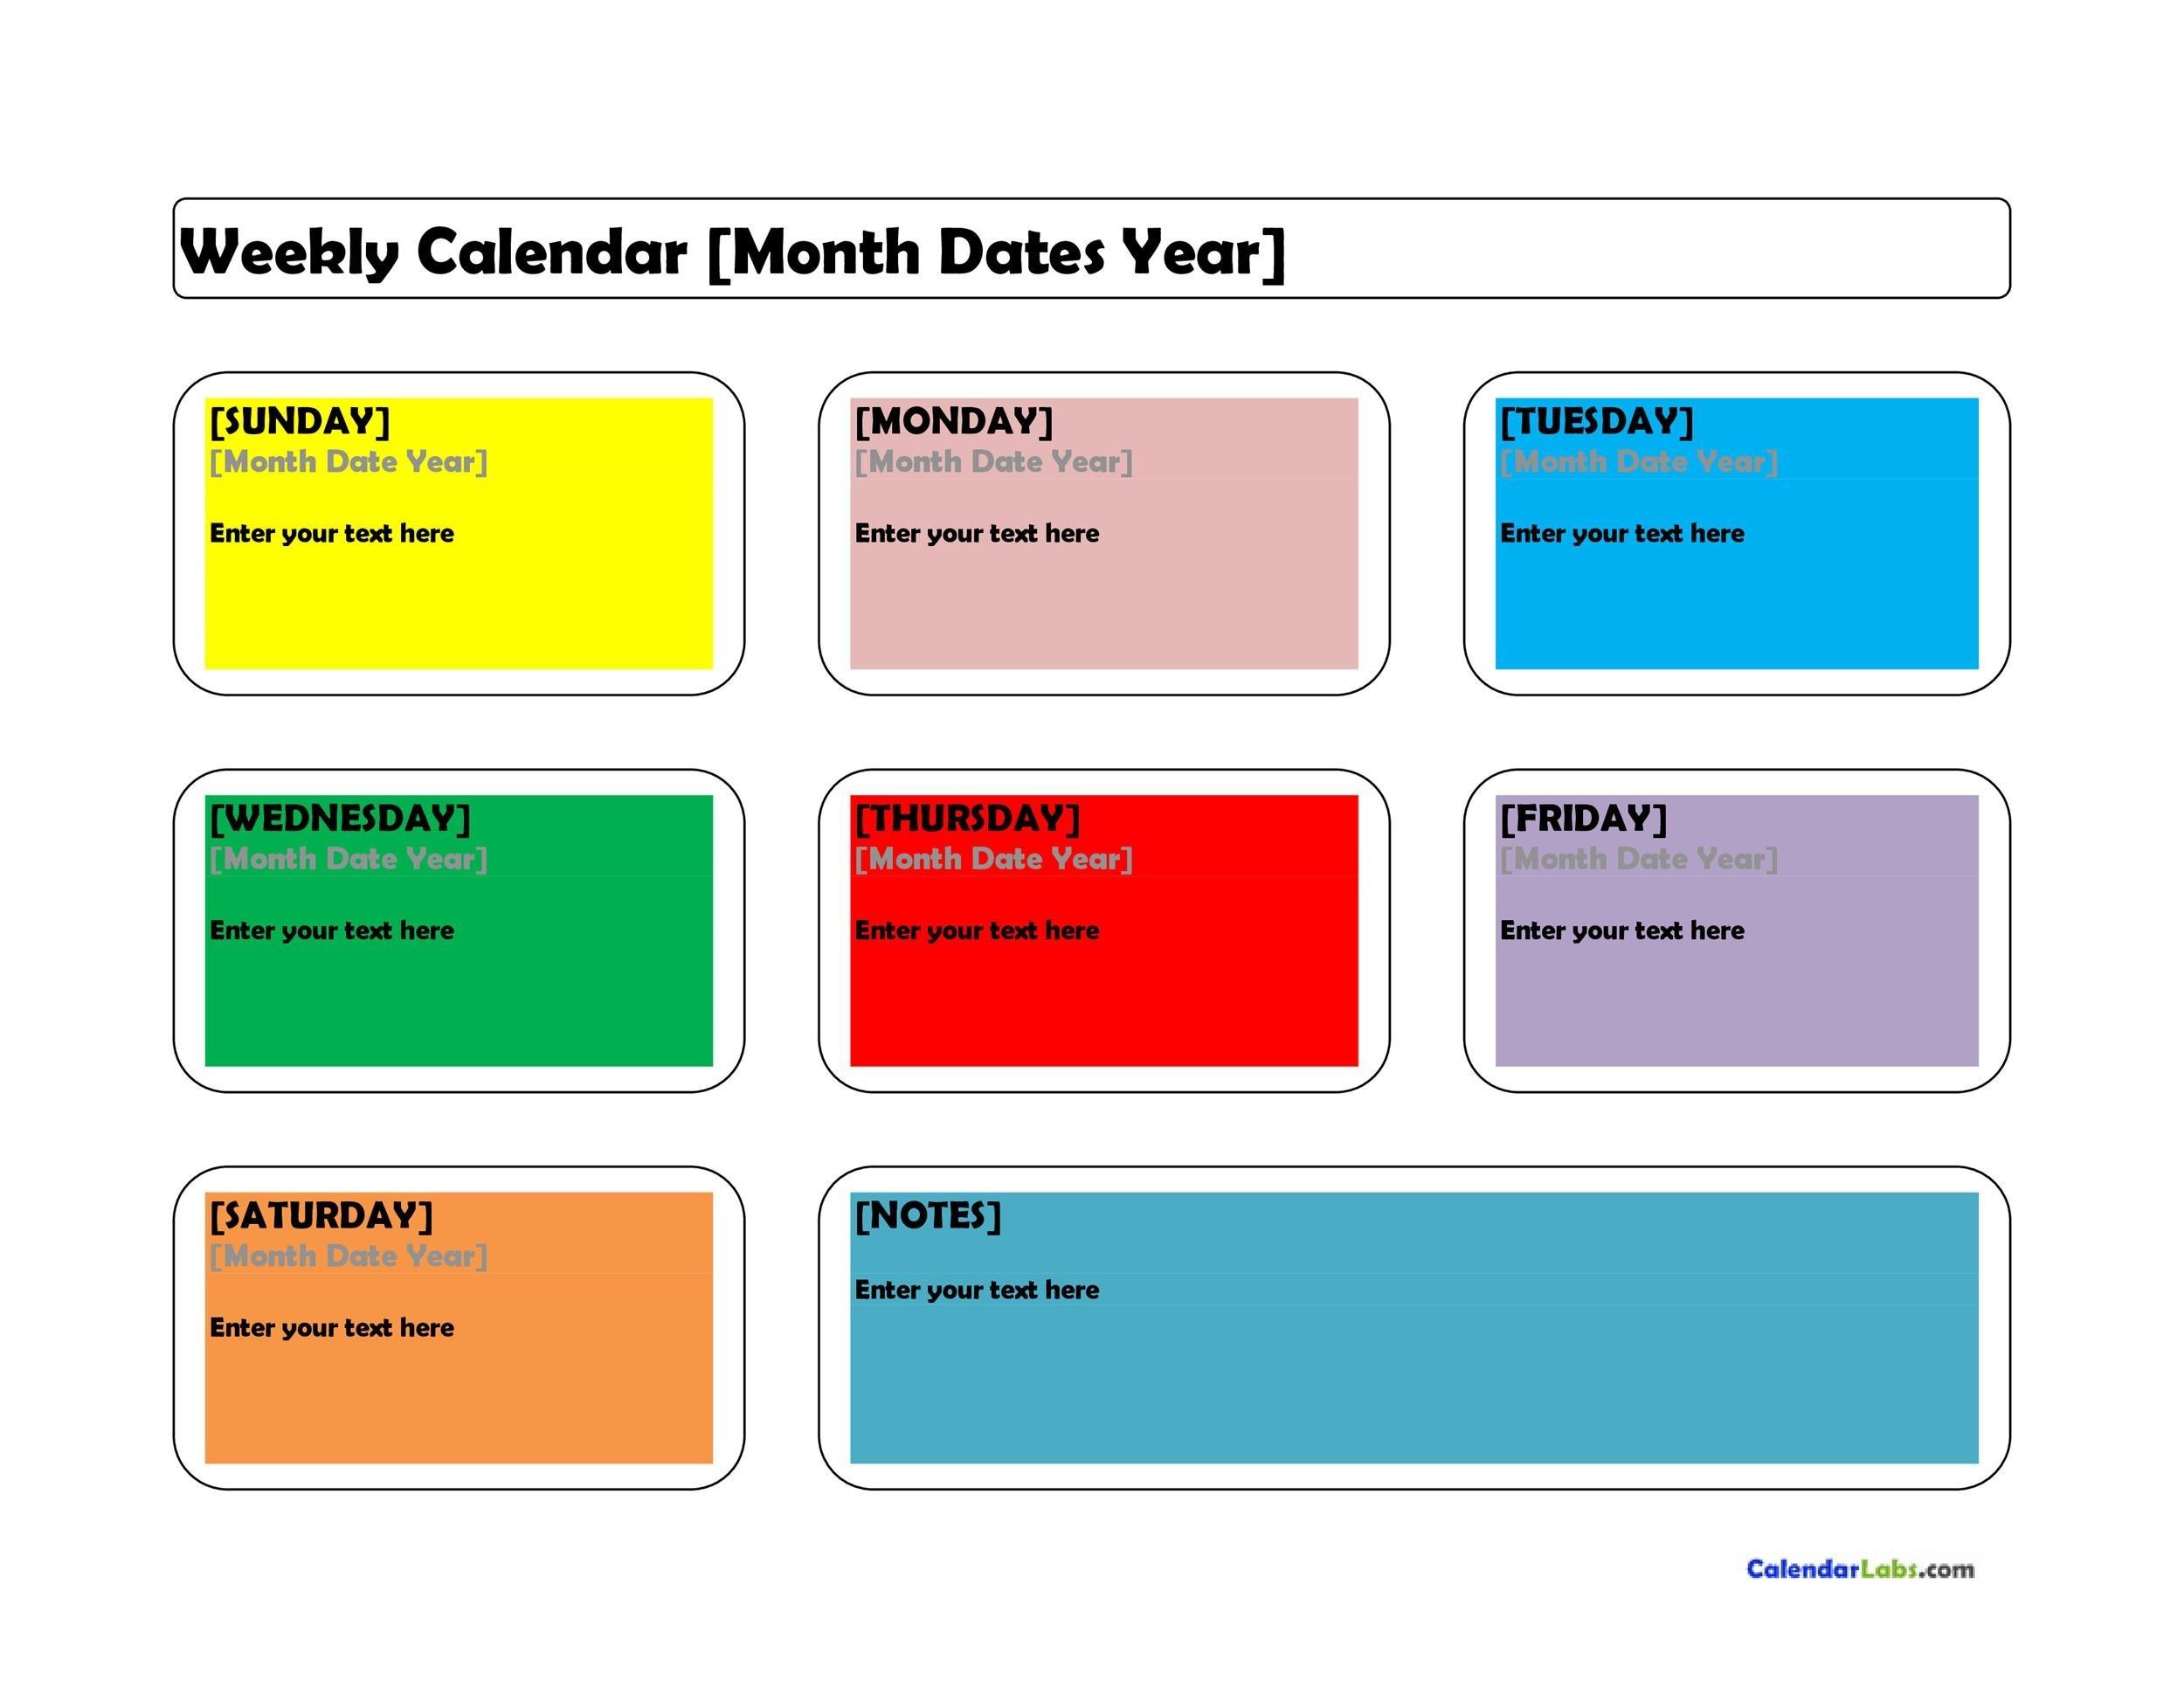 Free weekly calendar template 14